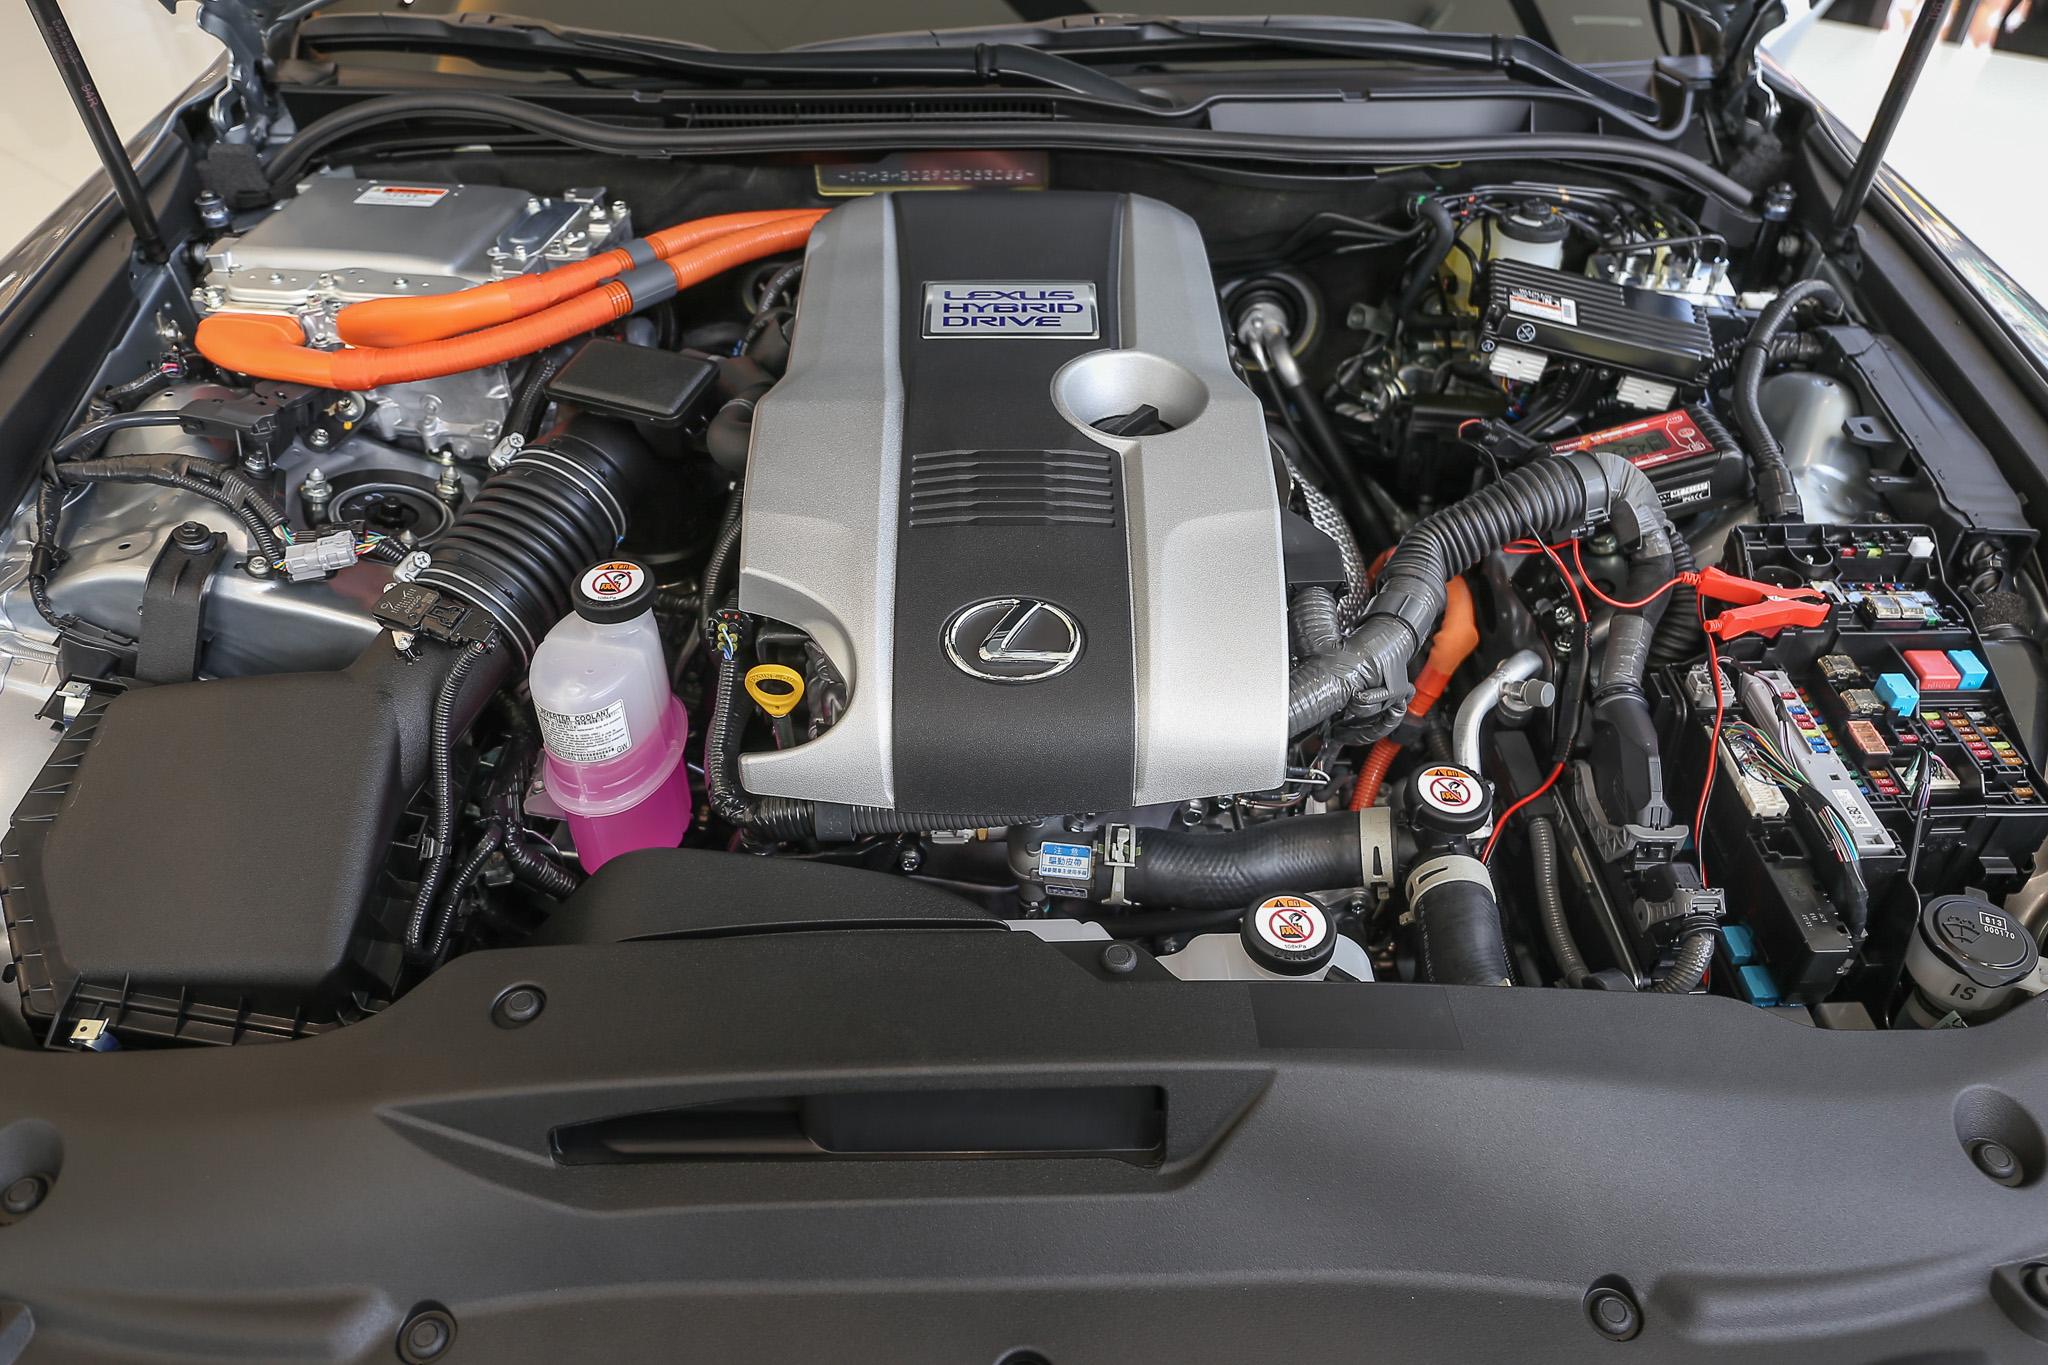 油電動力系統以 2.5 升自然進氣汽油引擎為基礎,最大綜效馬力為 223 ps。